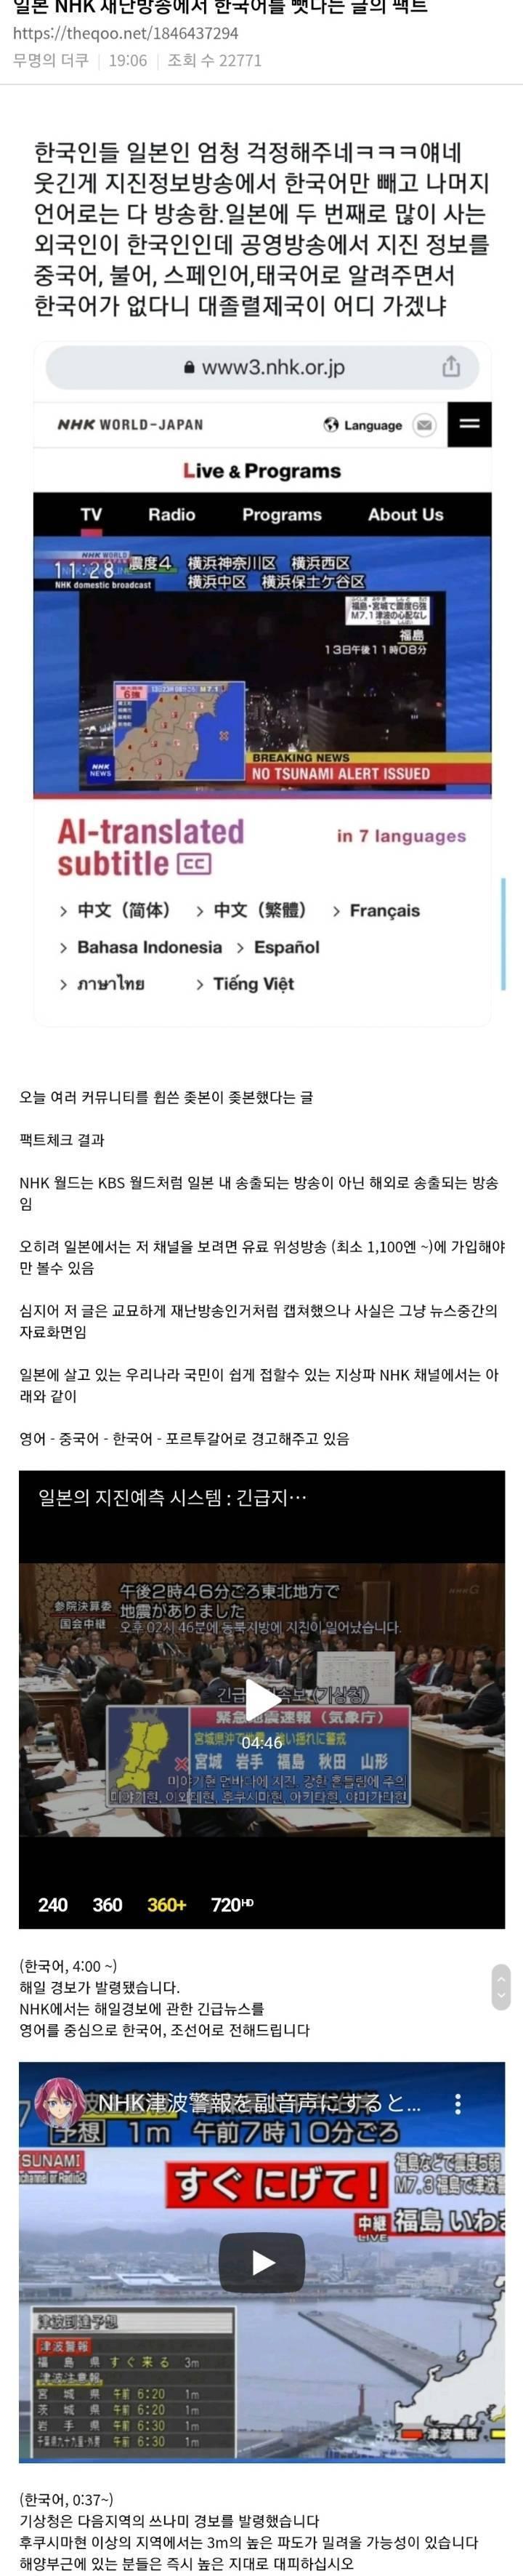 재난방송에서 한국어만 뺀 일본 팩트 | 인스티즈